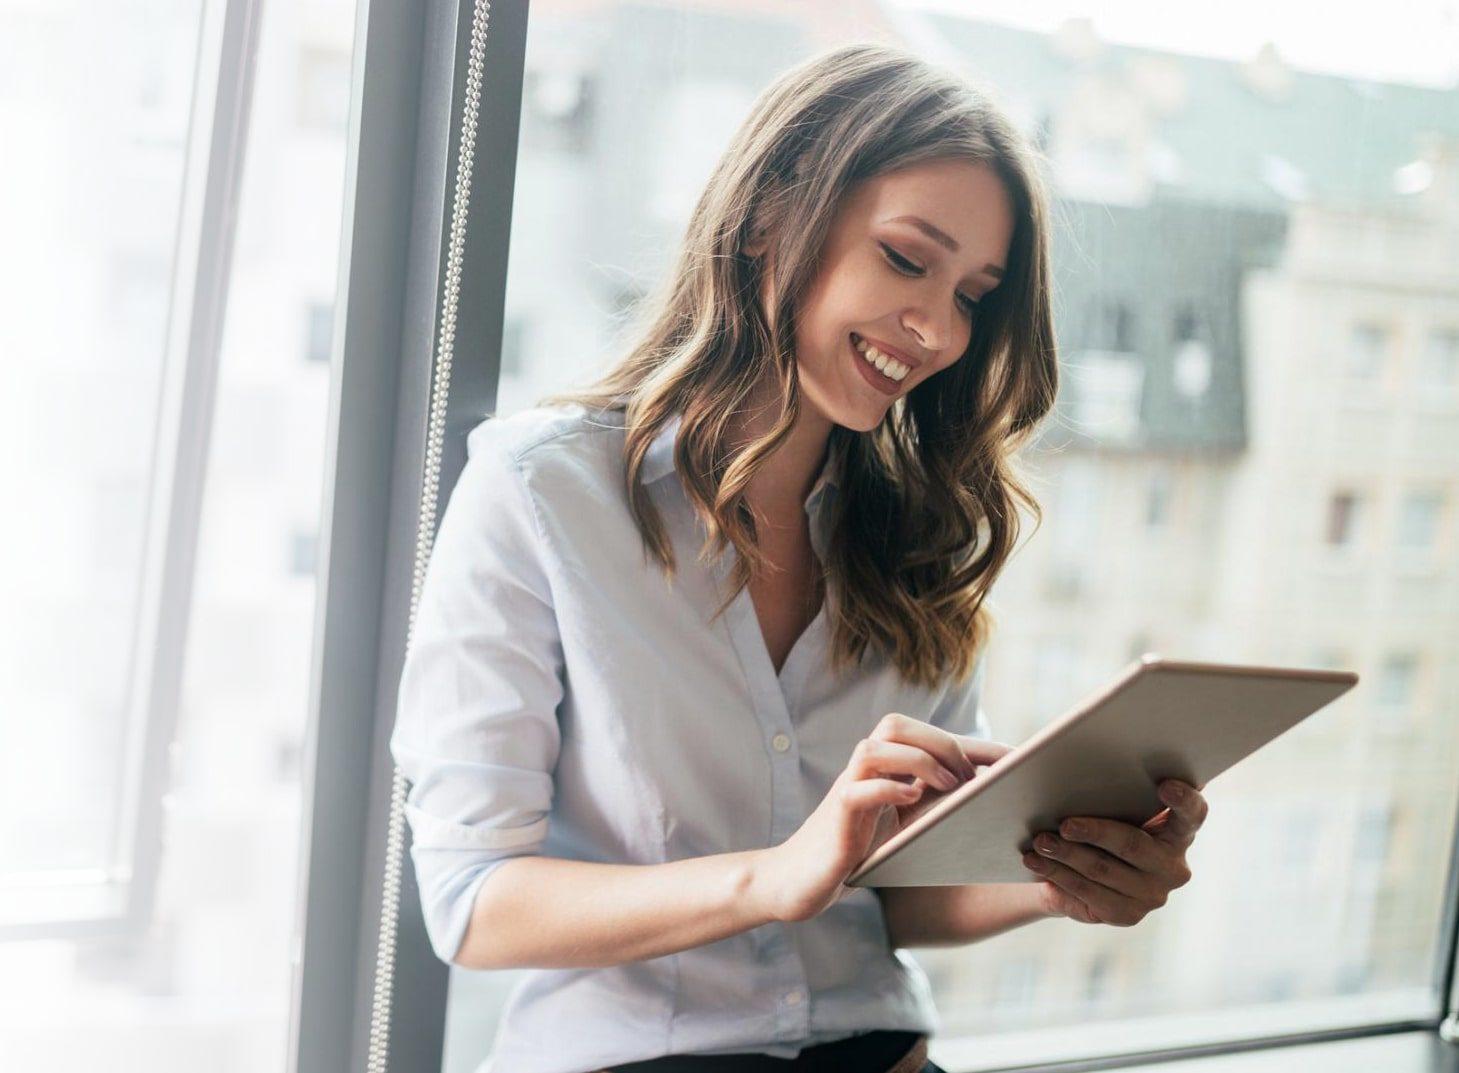 woman work tablet hermes express 1 min e1617277968682